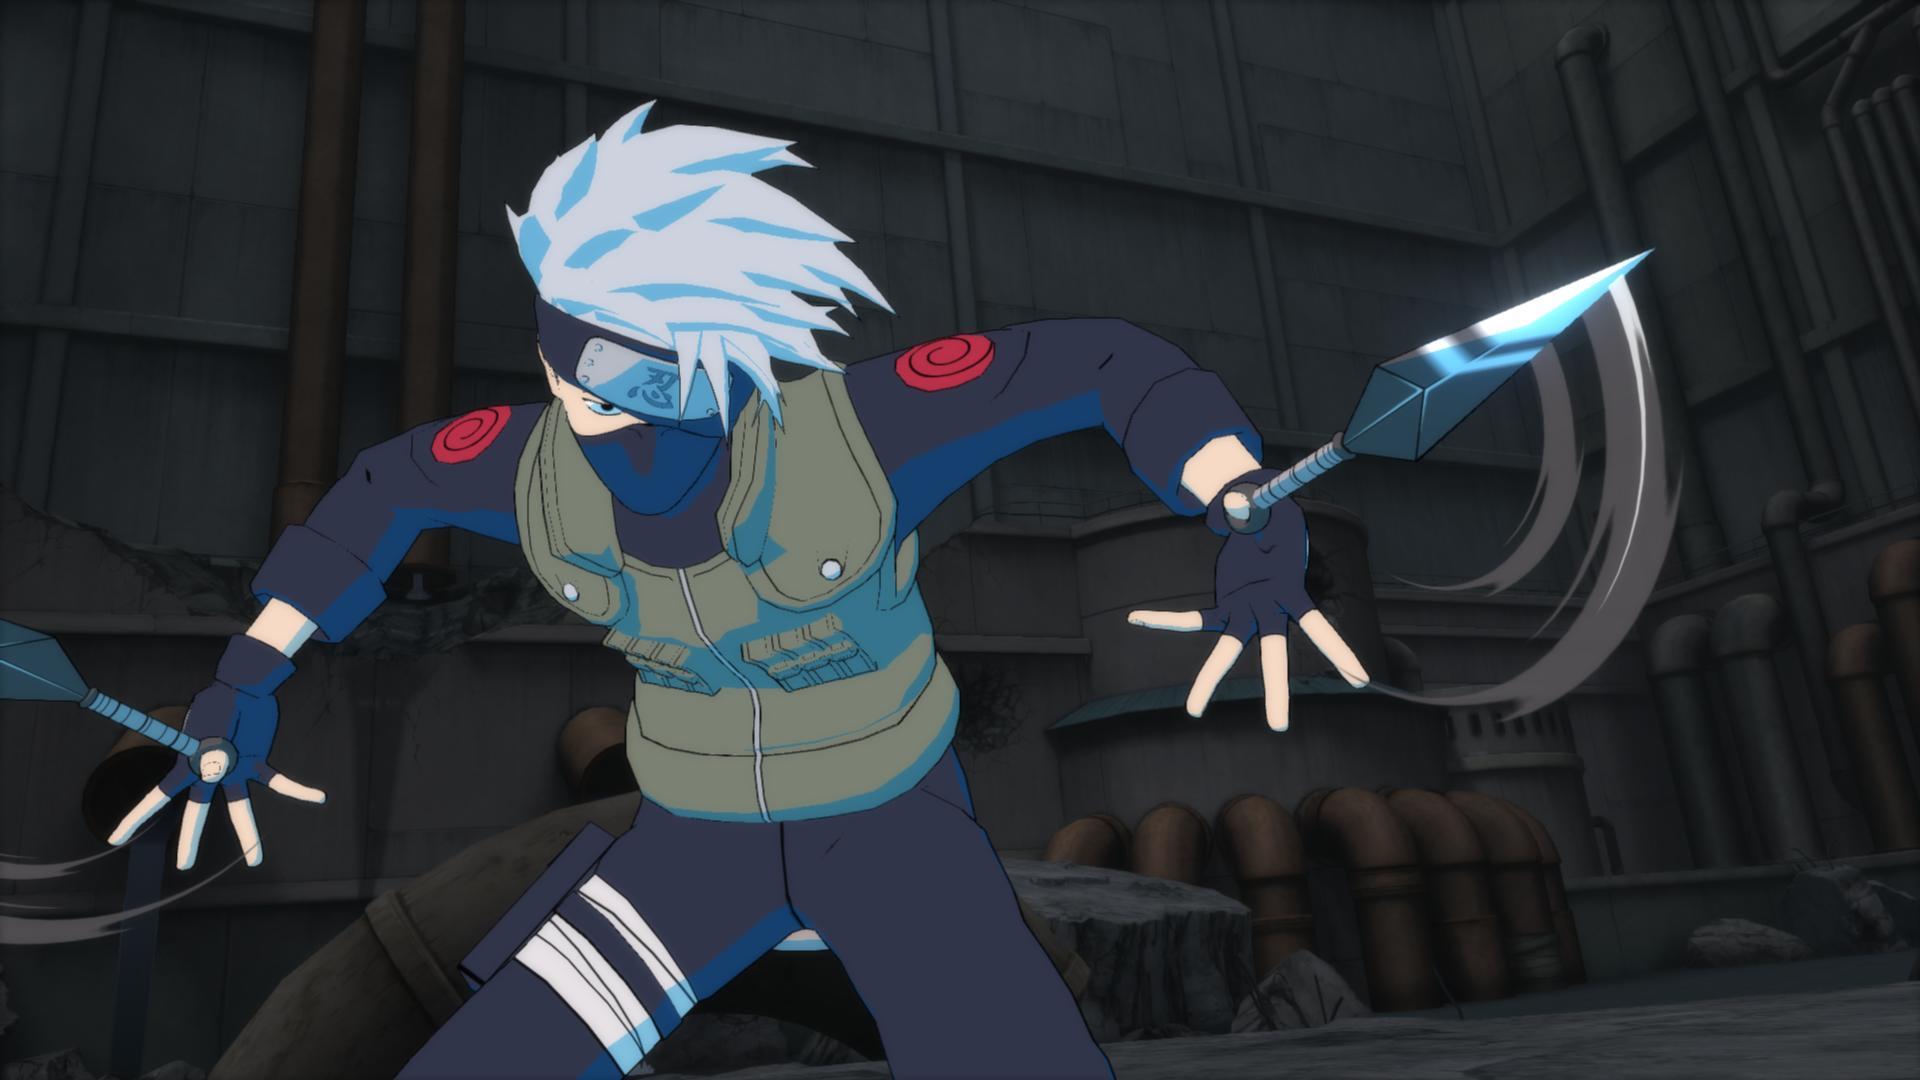 Hd wallpaper kakashi - Video Game Naruto Shippuden Ultimate Ninja Storm Revolution Kakashi Hatake Naruto Wallpaper